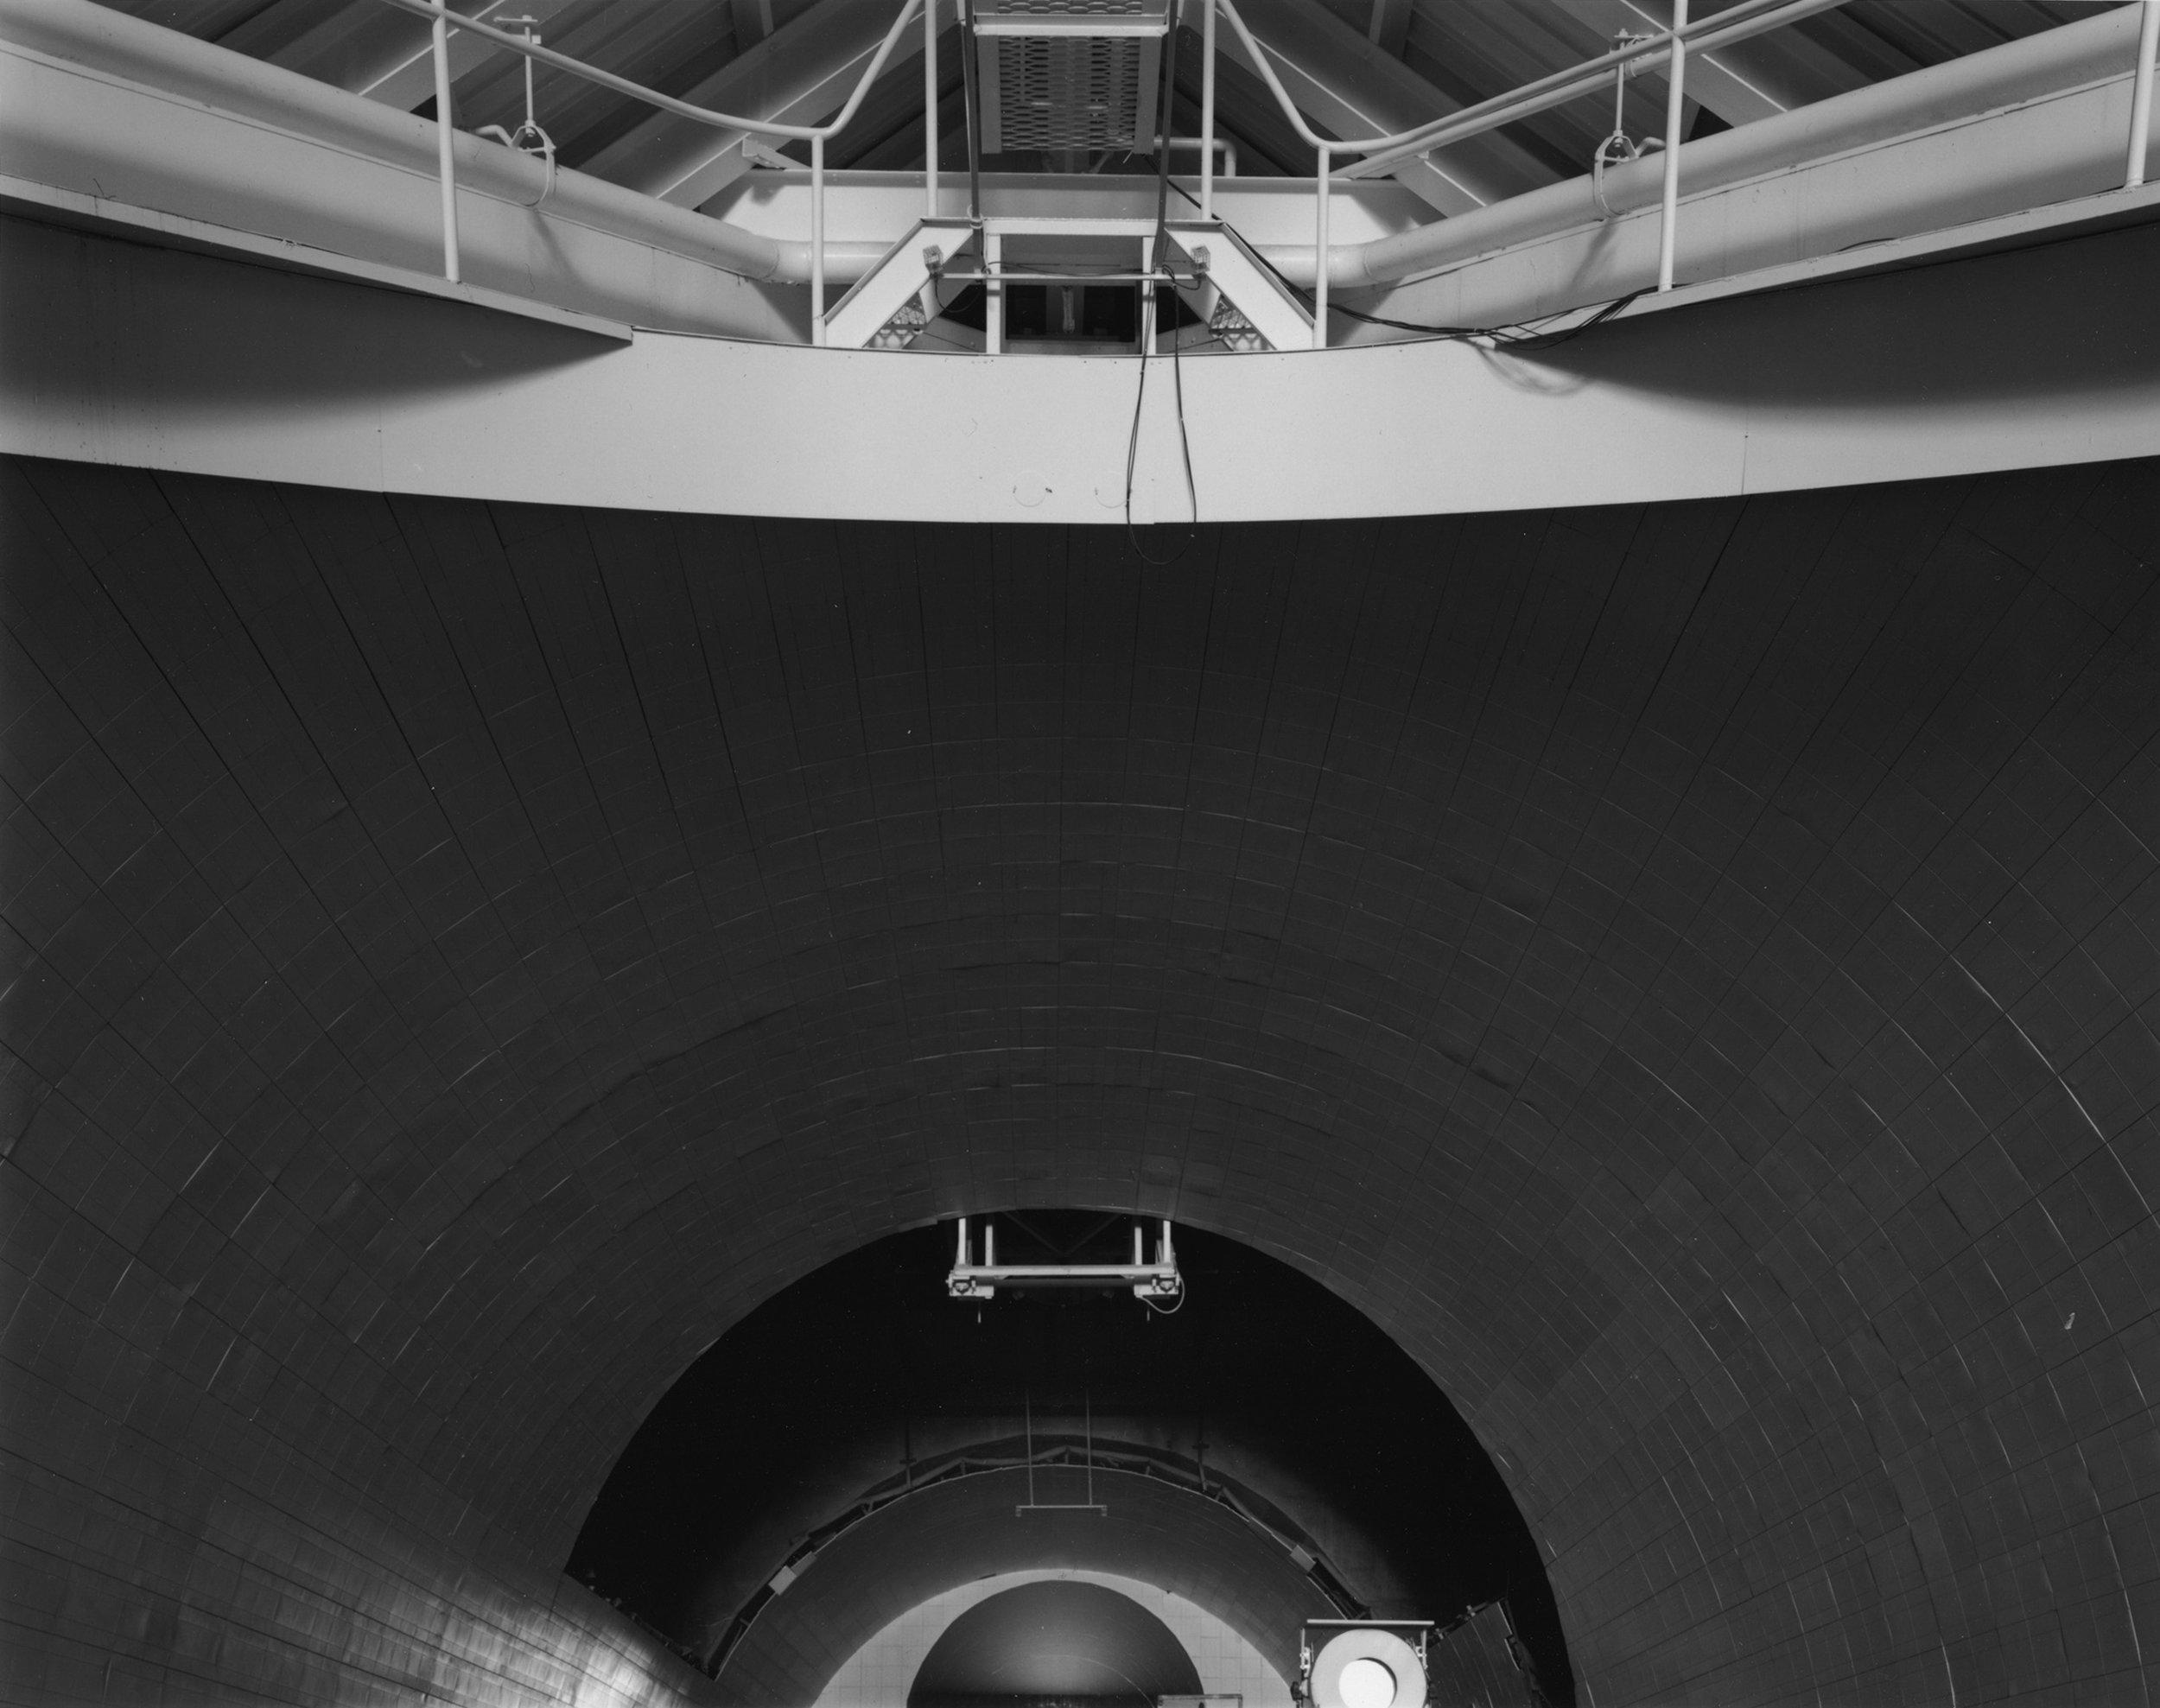 McMath Pierce Solar Telescope, Kitt Peak, Arizona